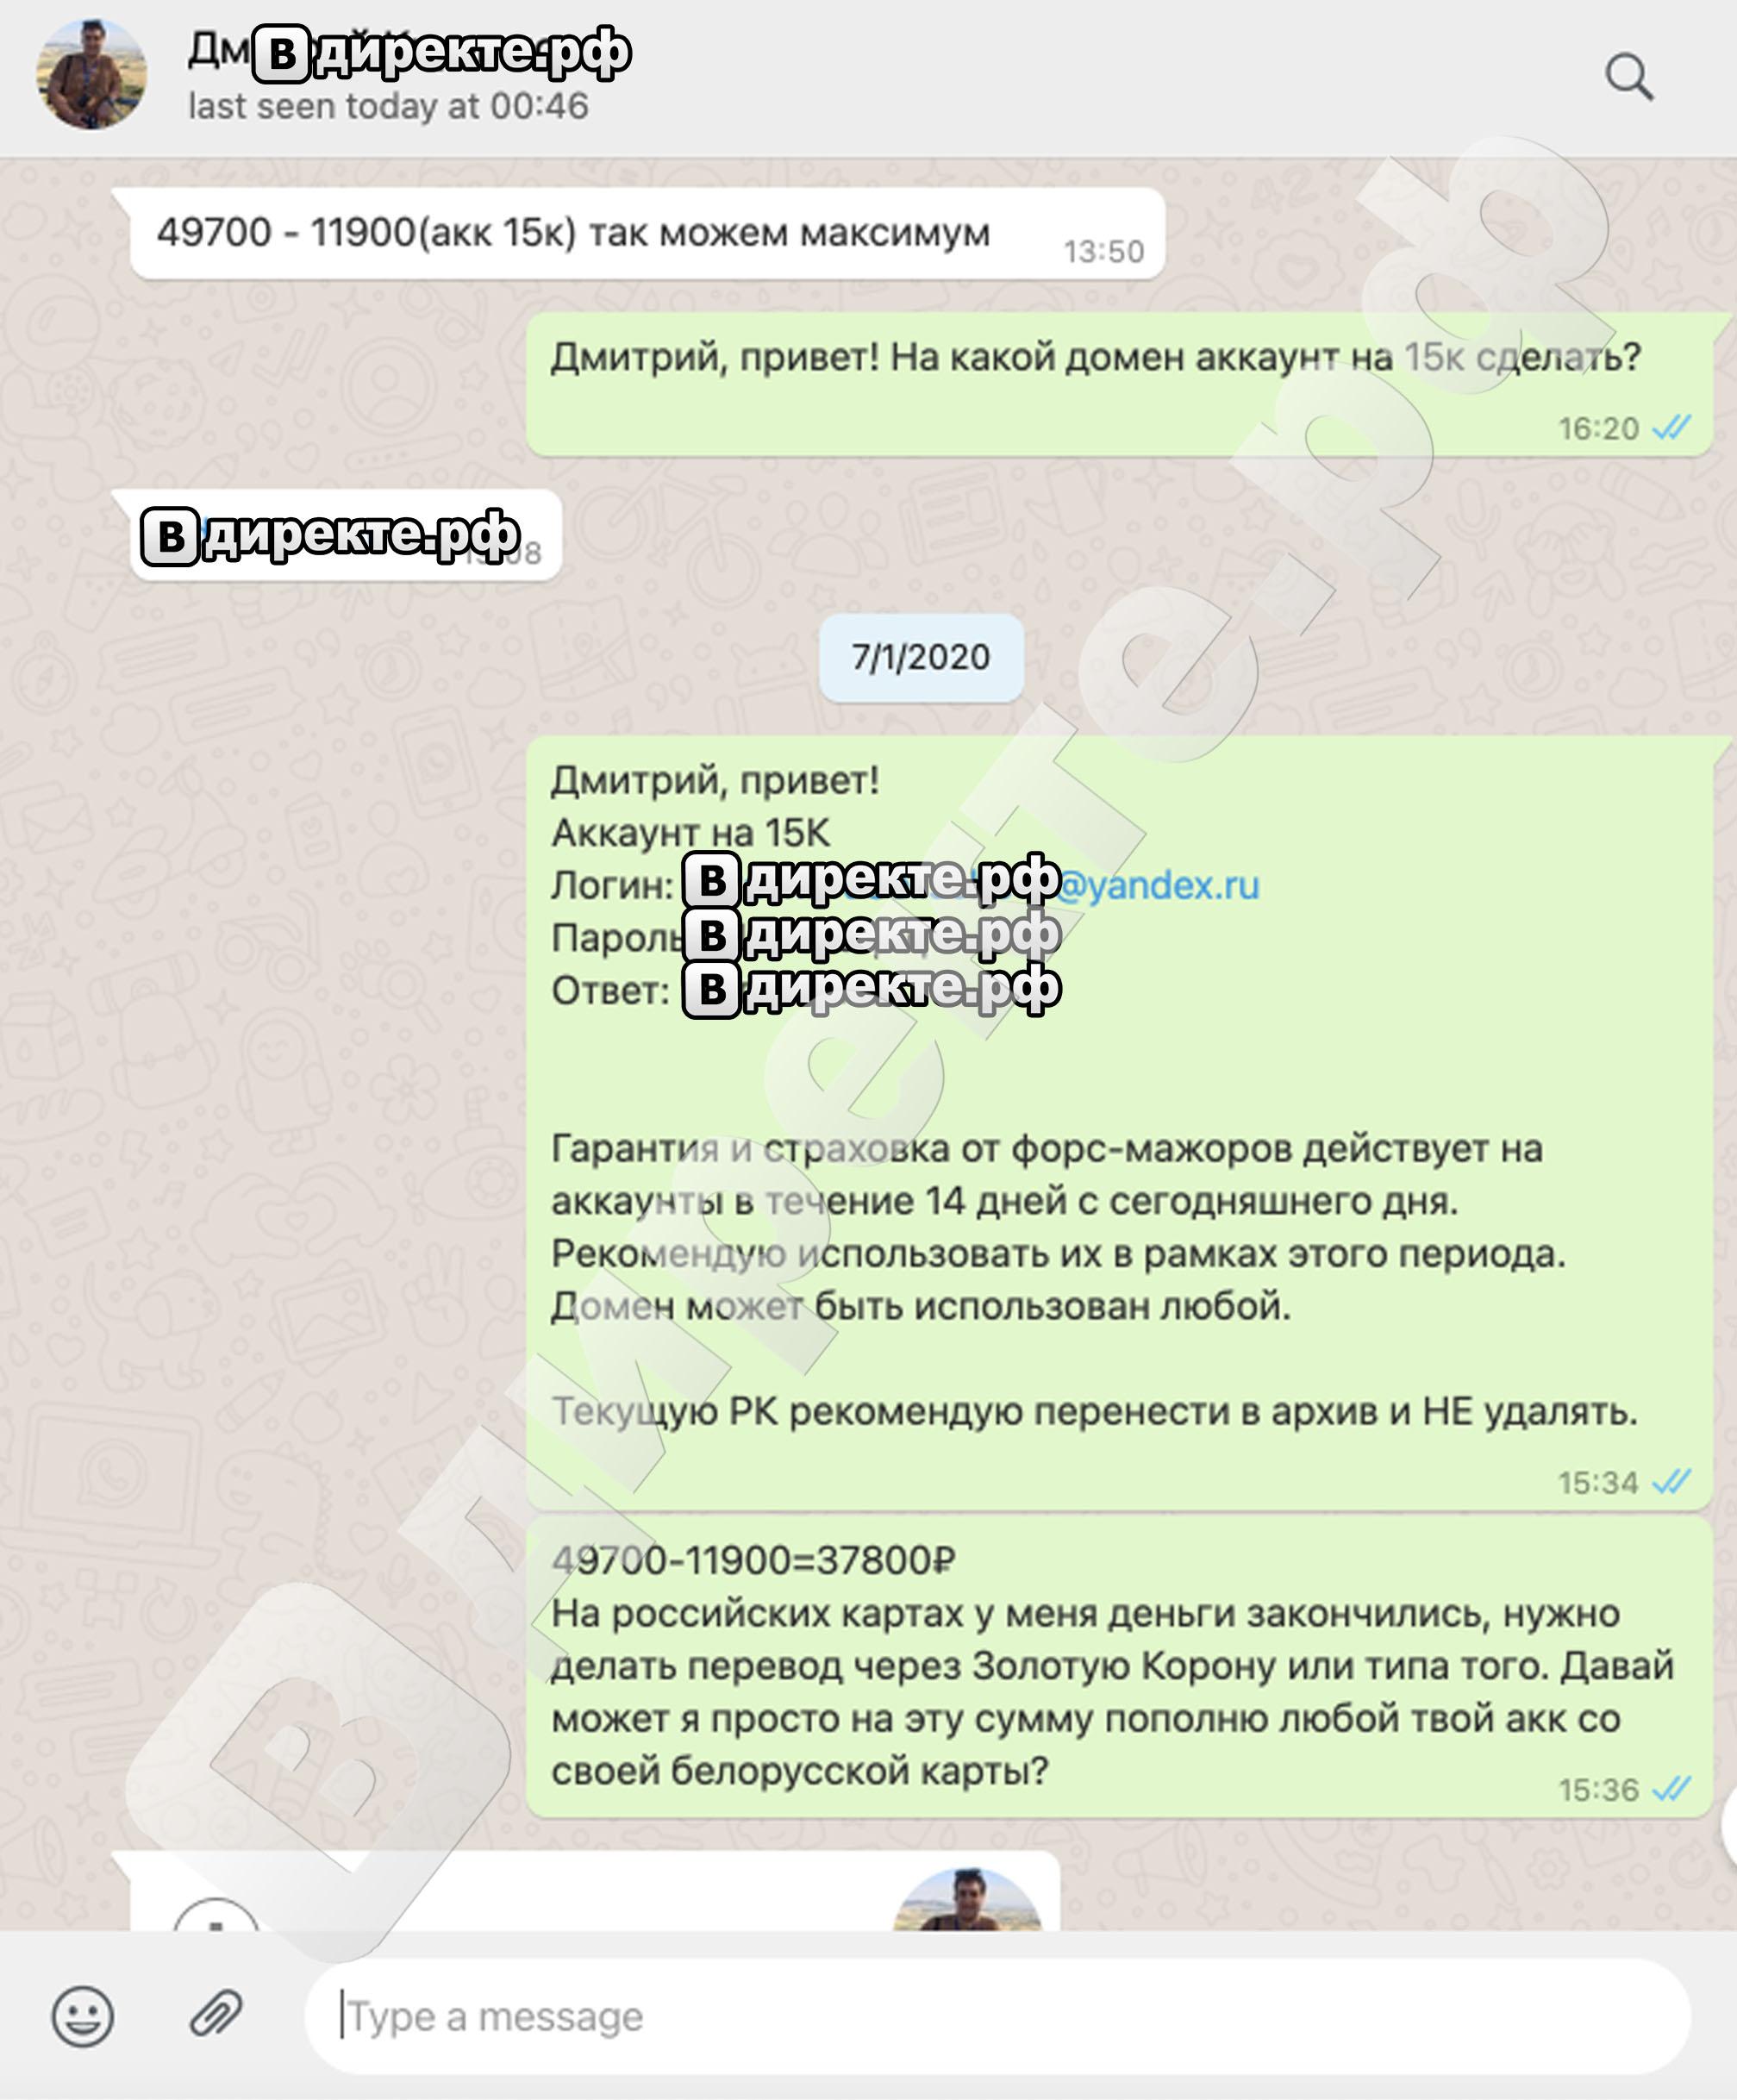 Яндекс Директ промокод